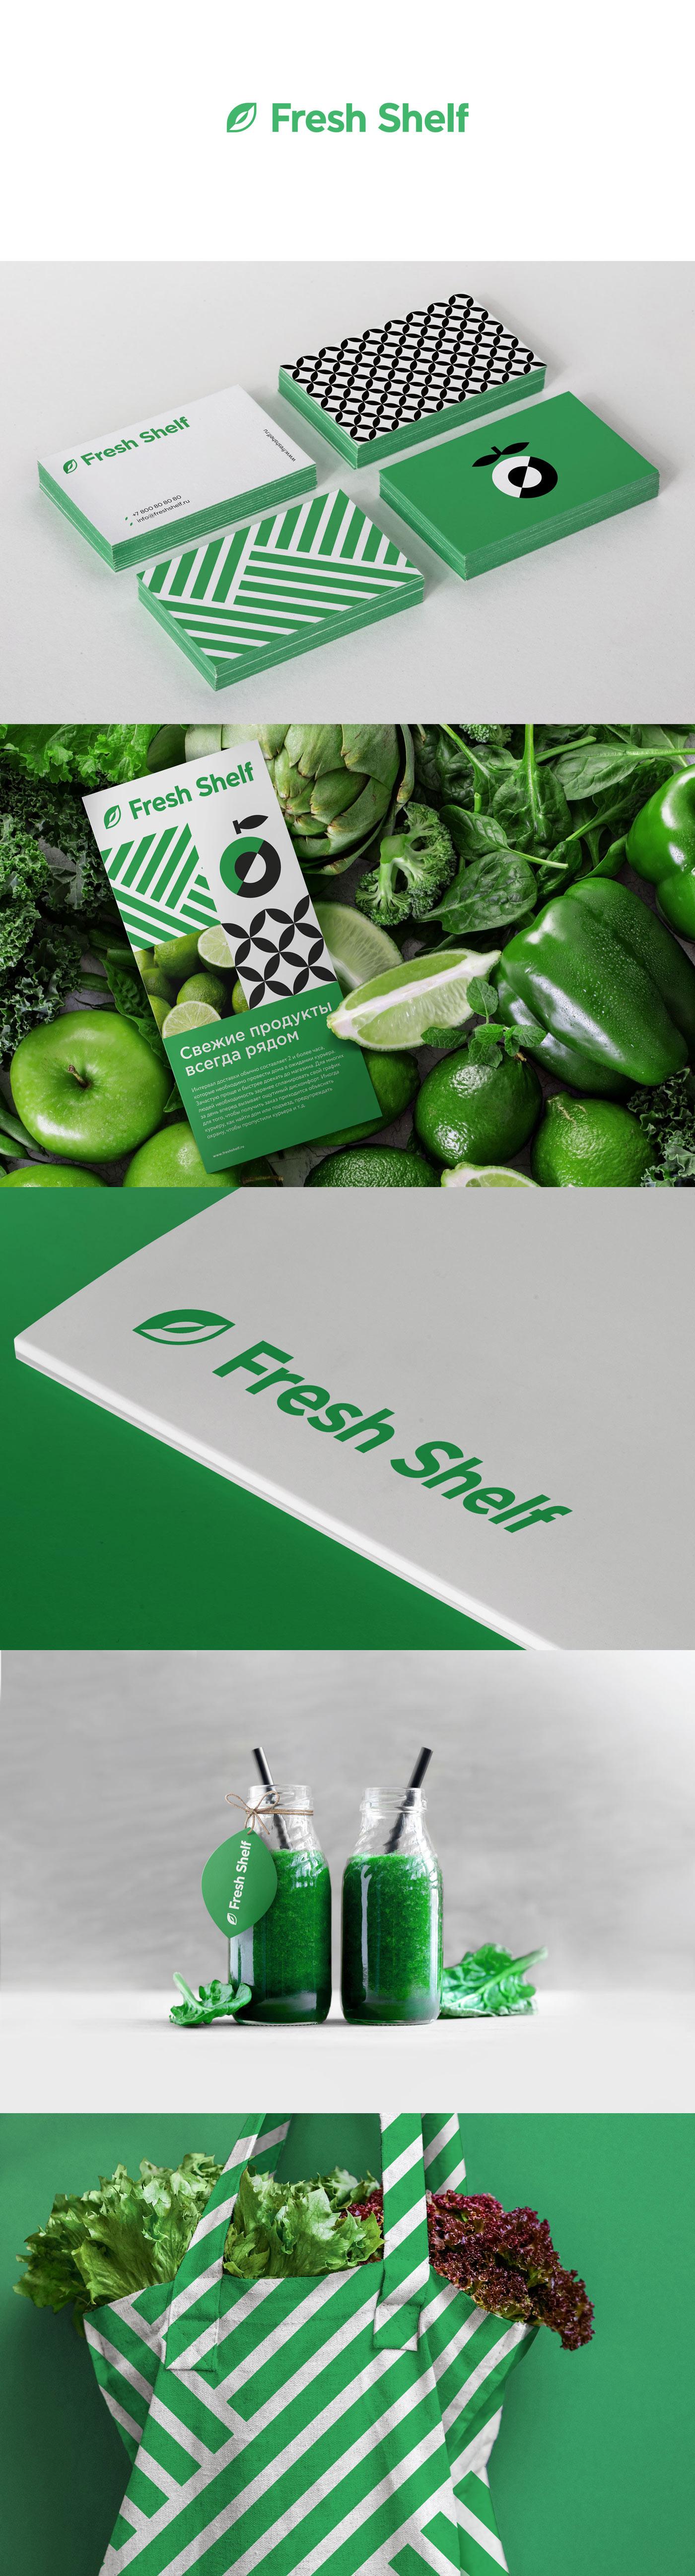 FreshShelf